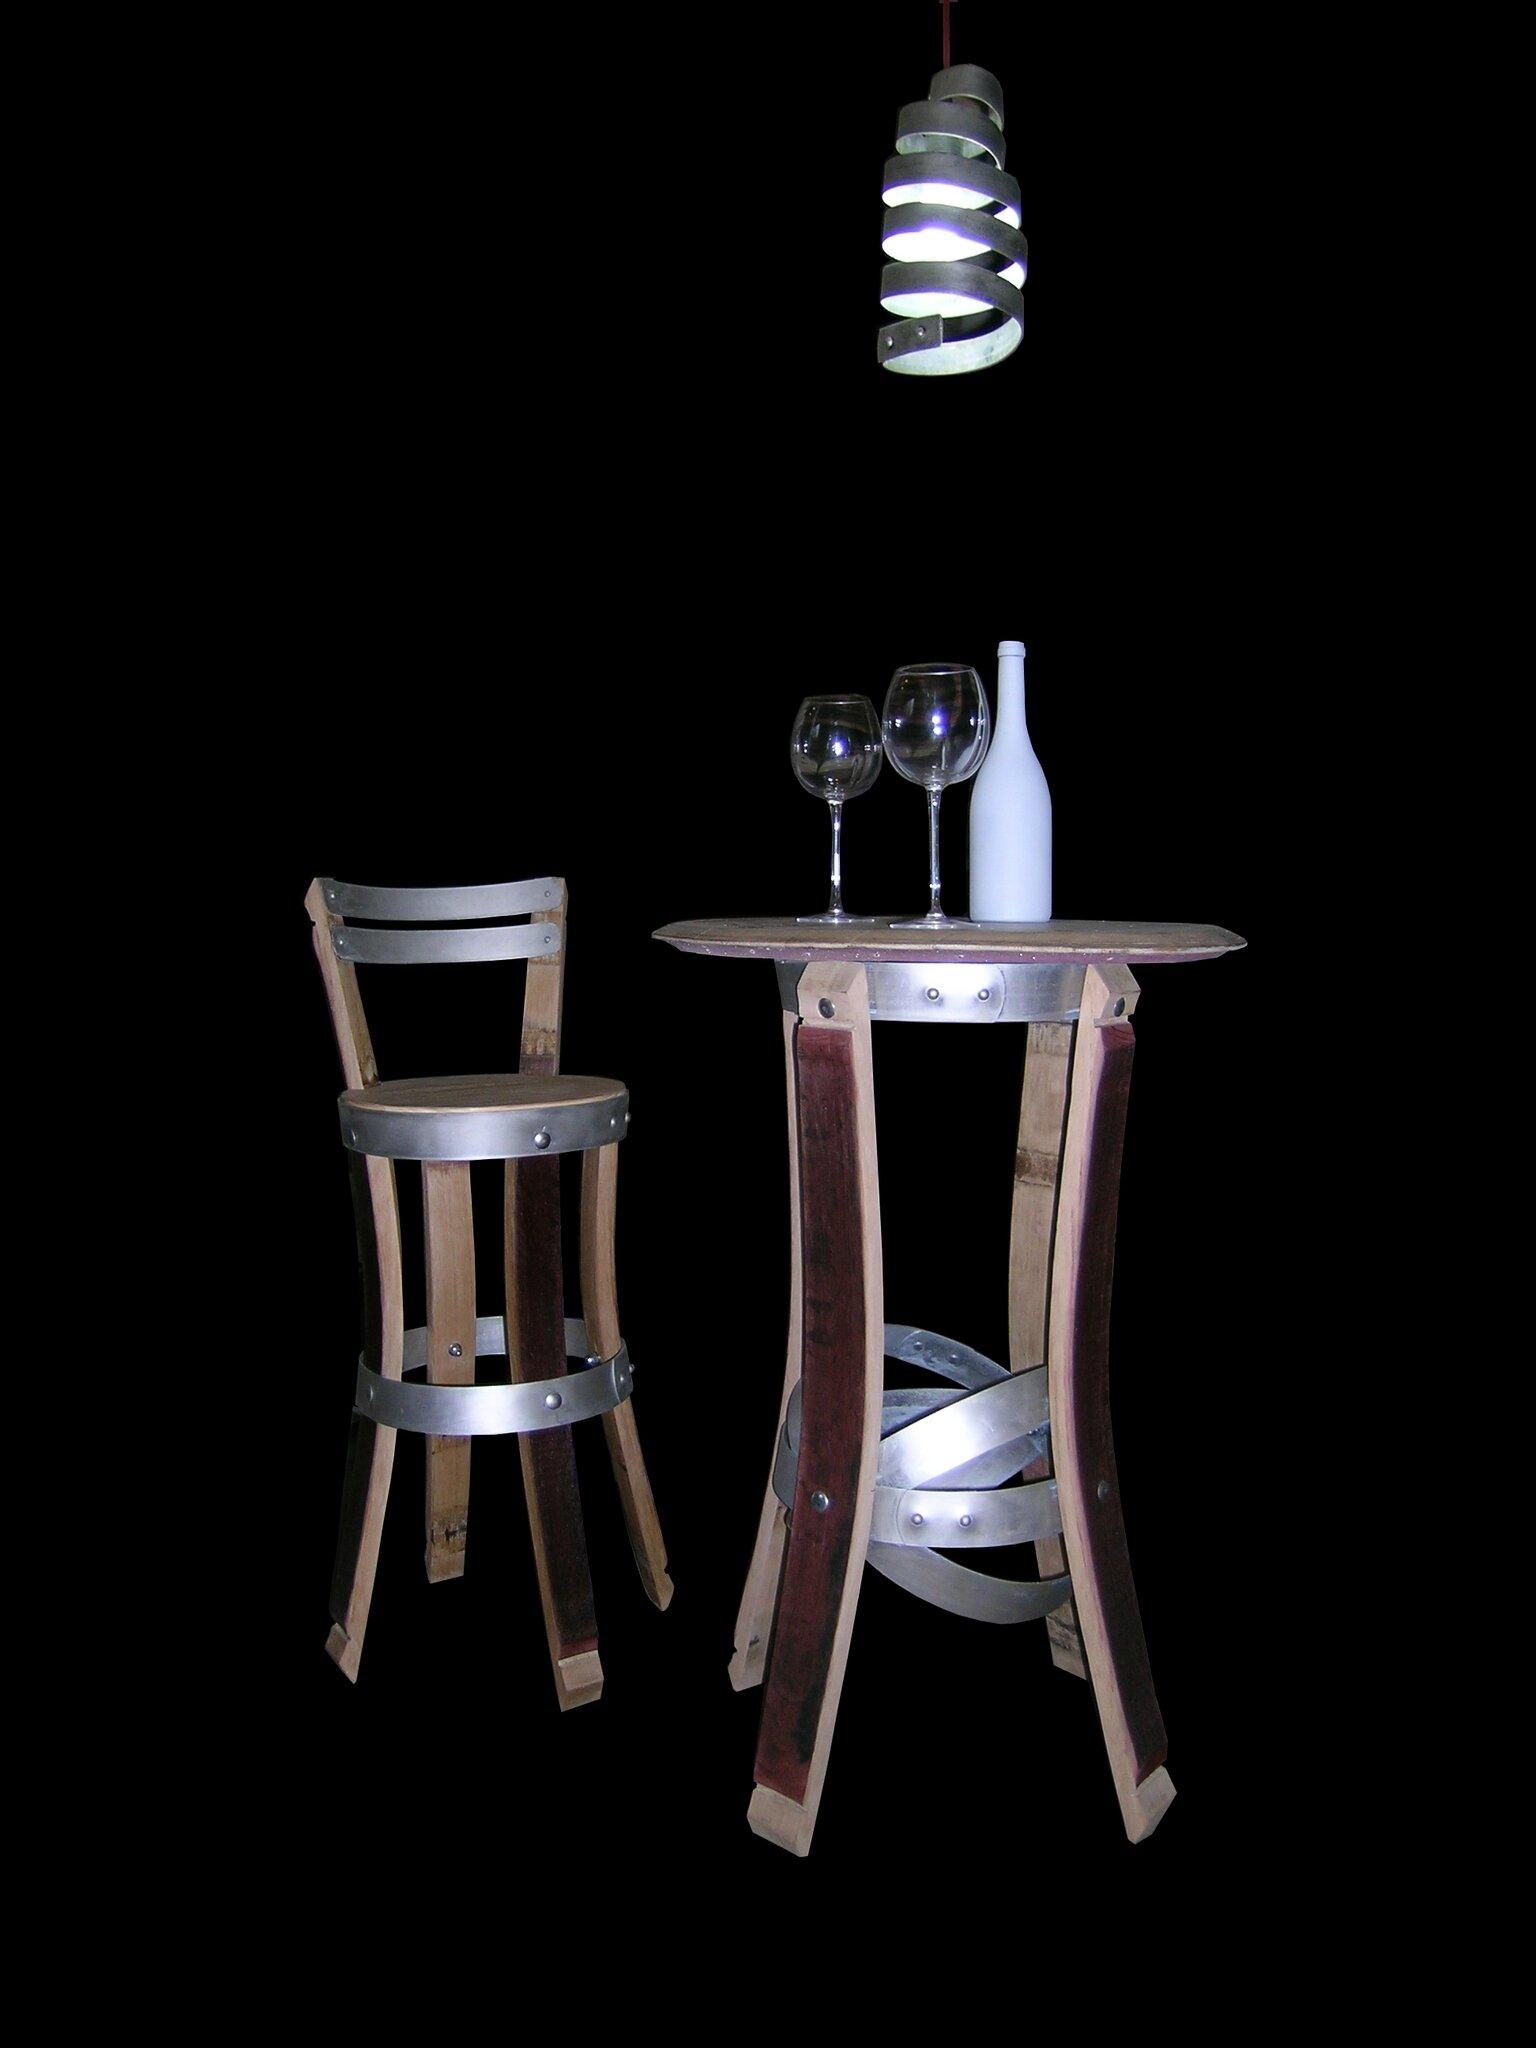 tabourets et chaises haute, realisations artisanales - douelledereve - Chaises Hautes De Bar